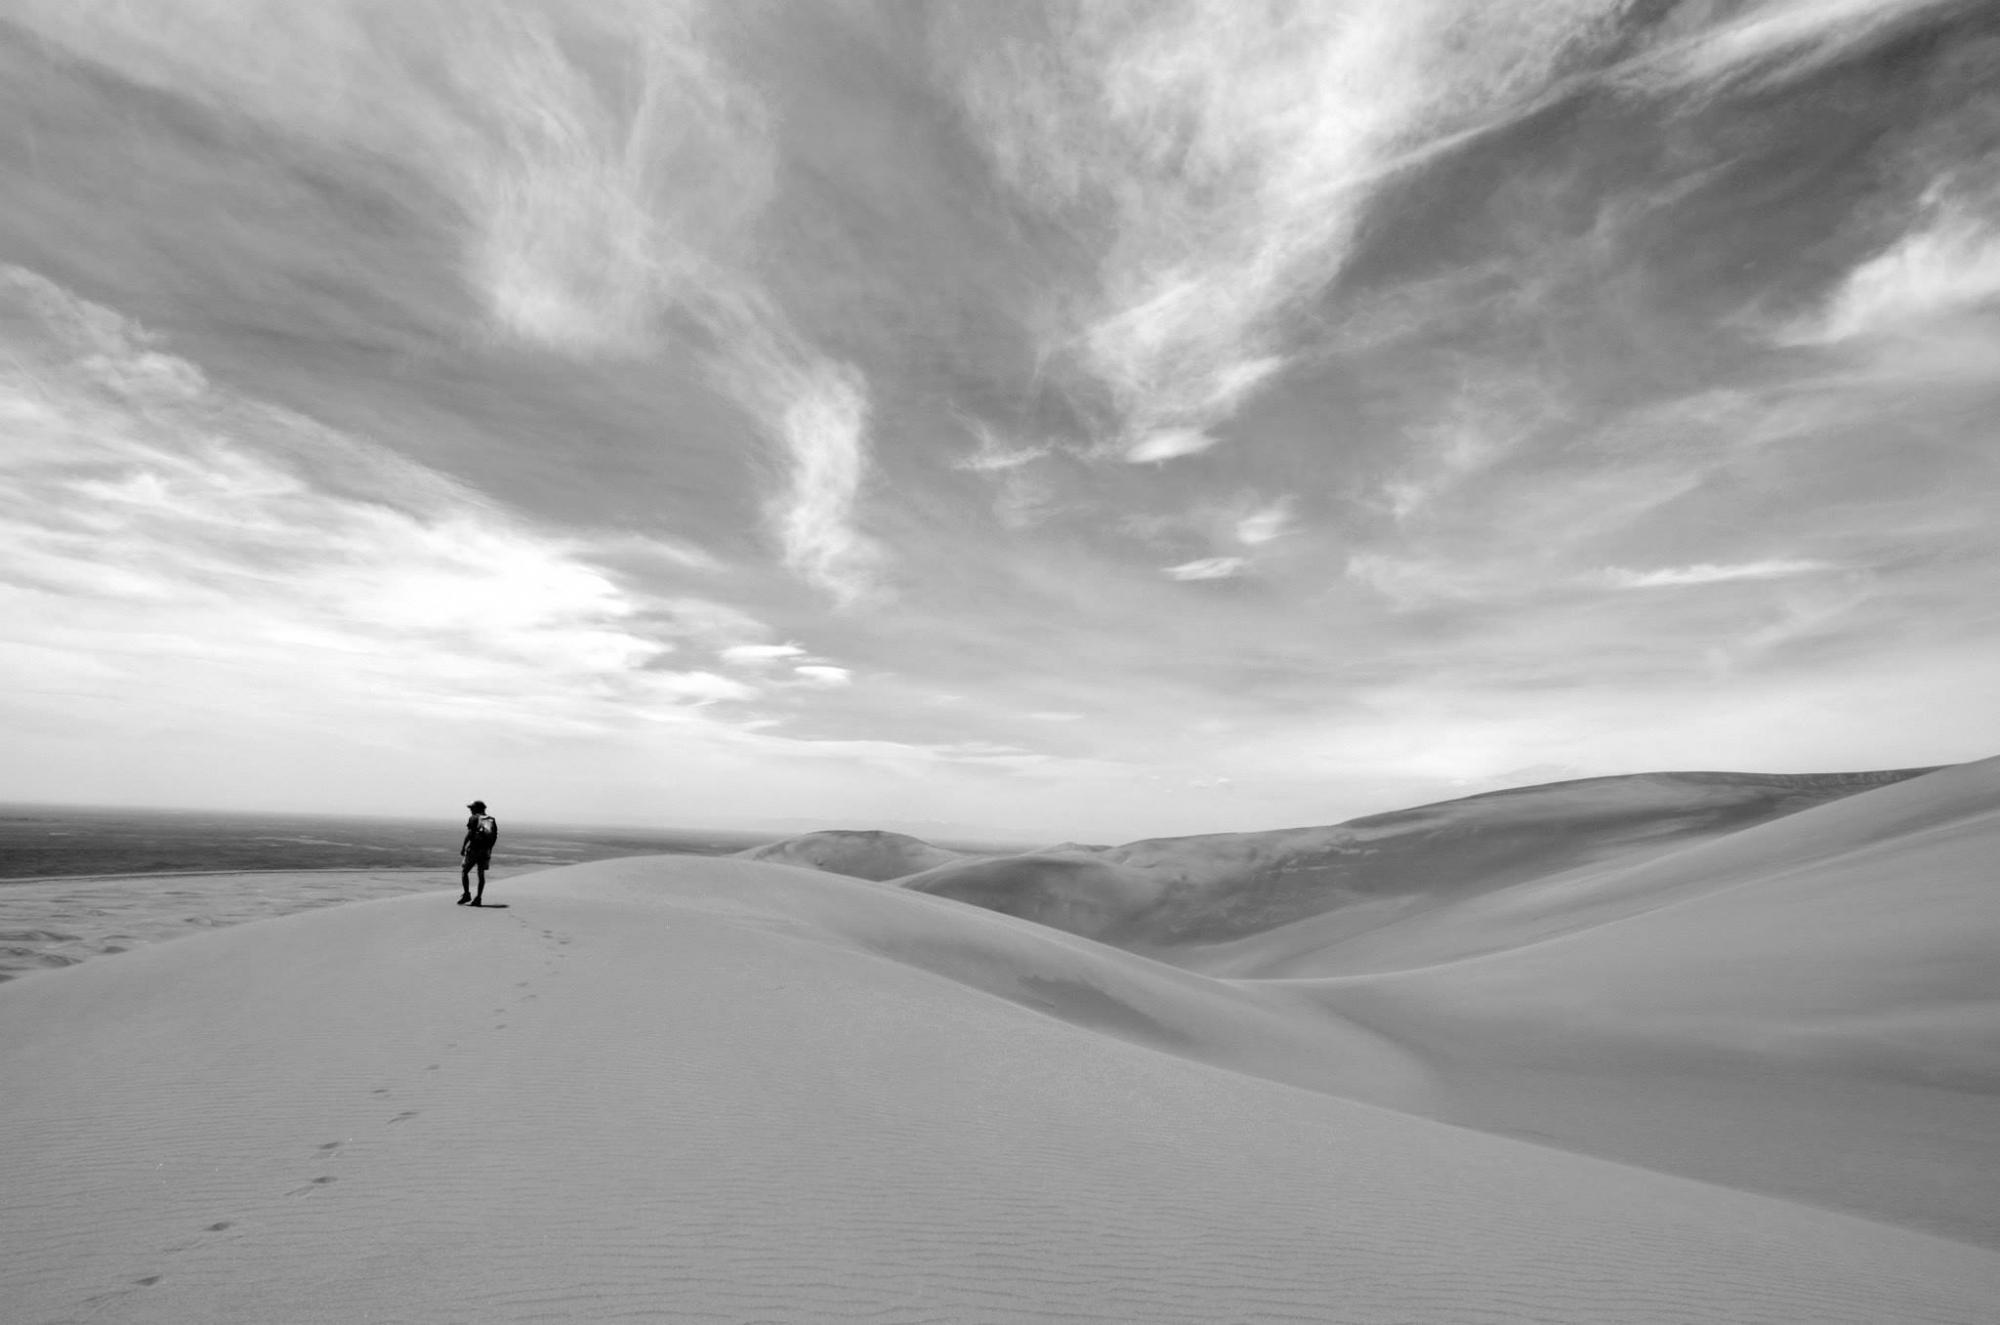 Картинка одинокий странник